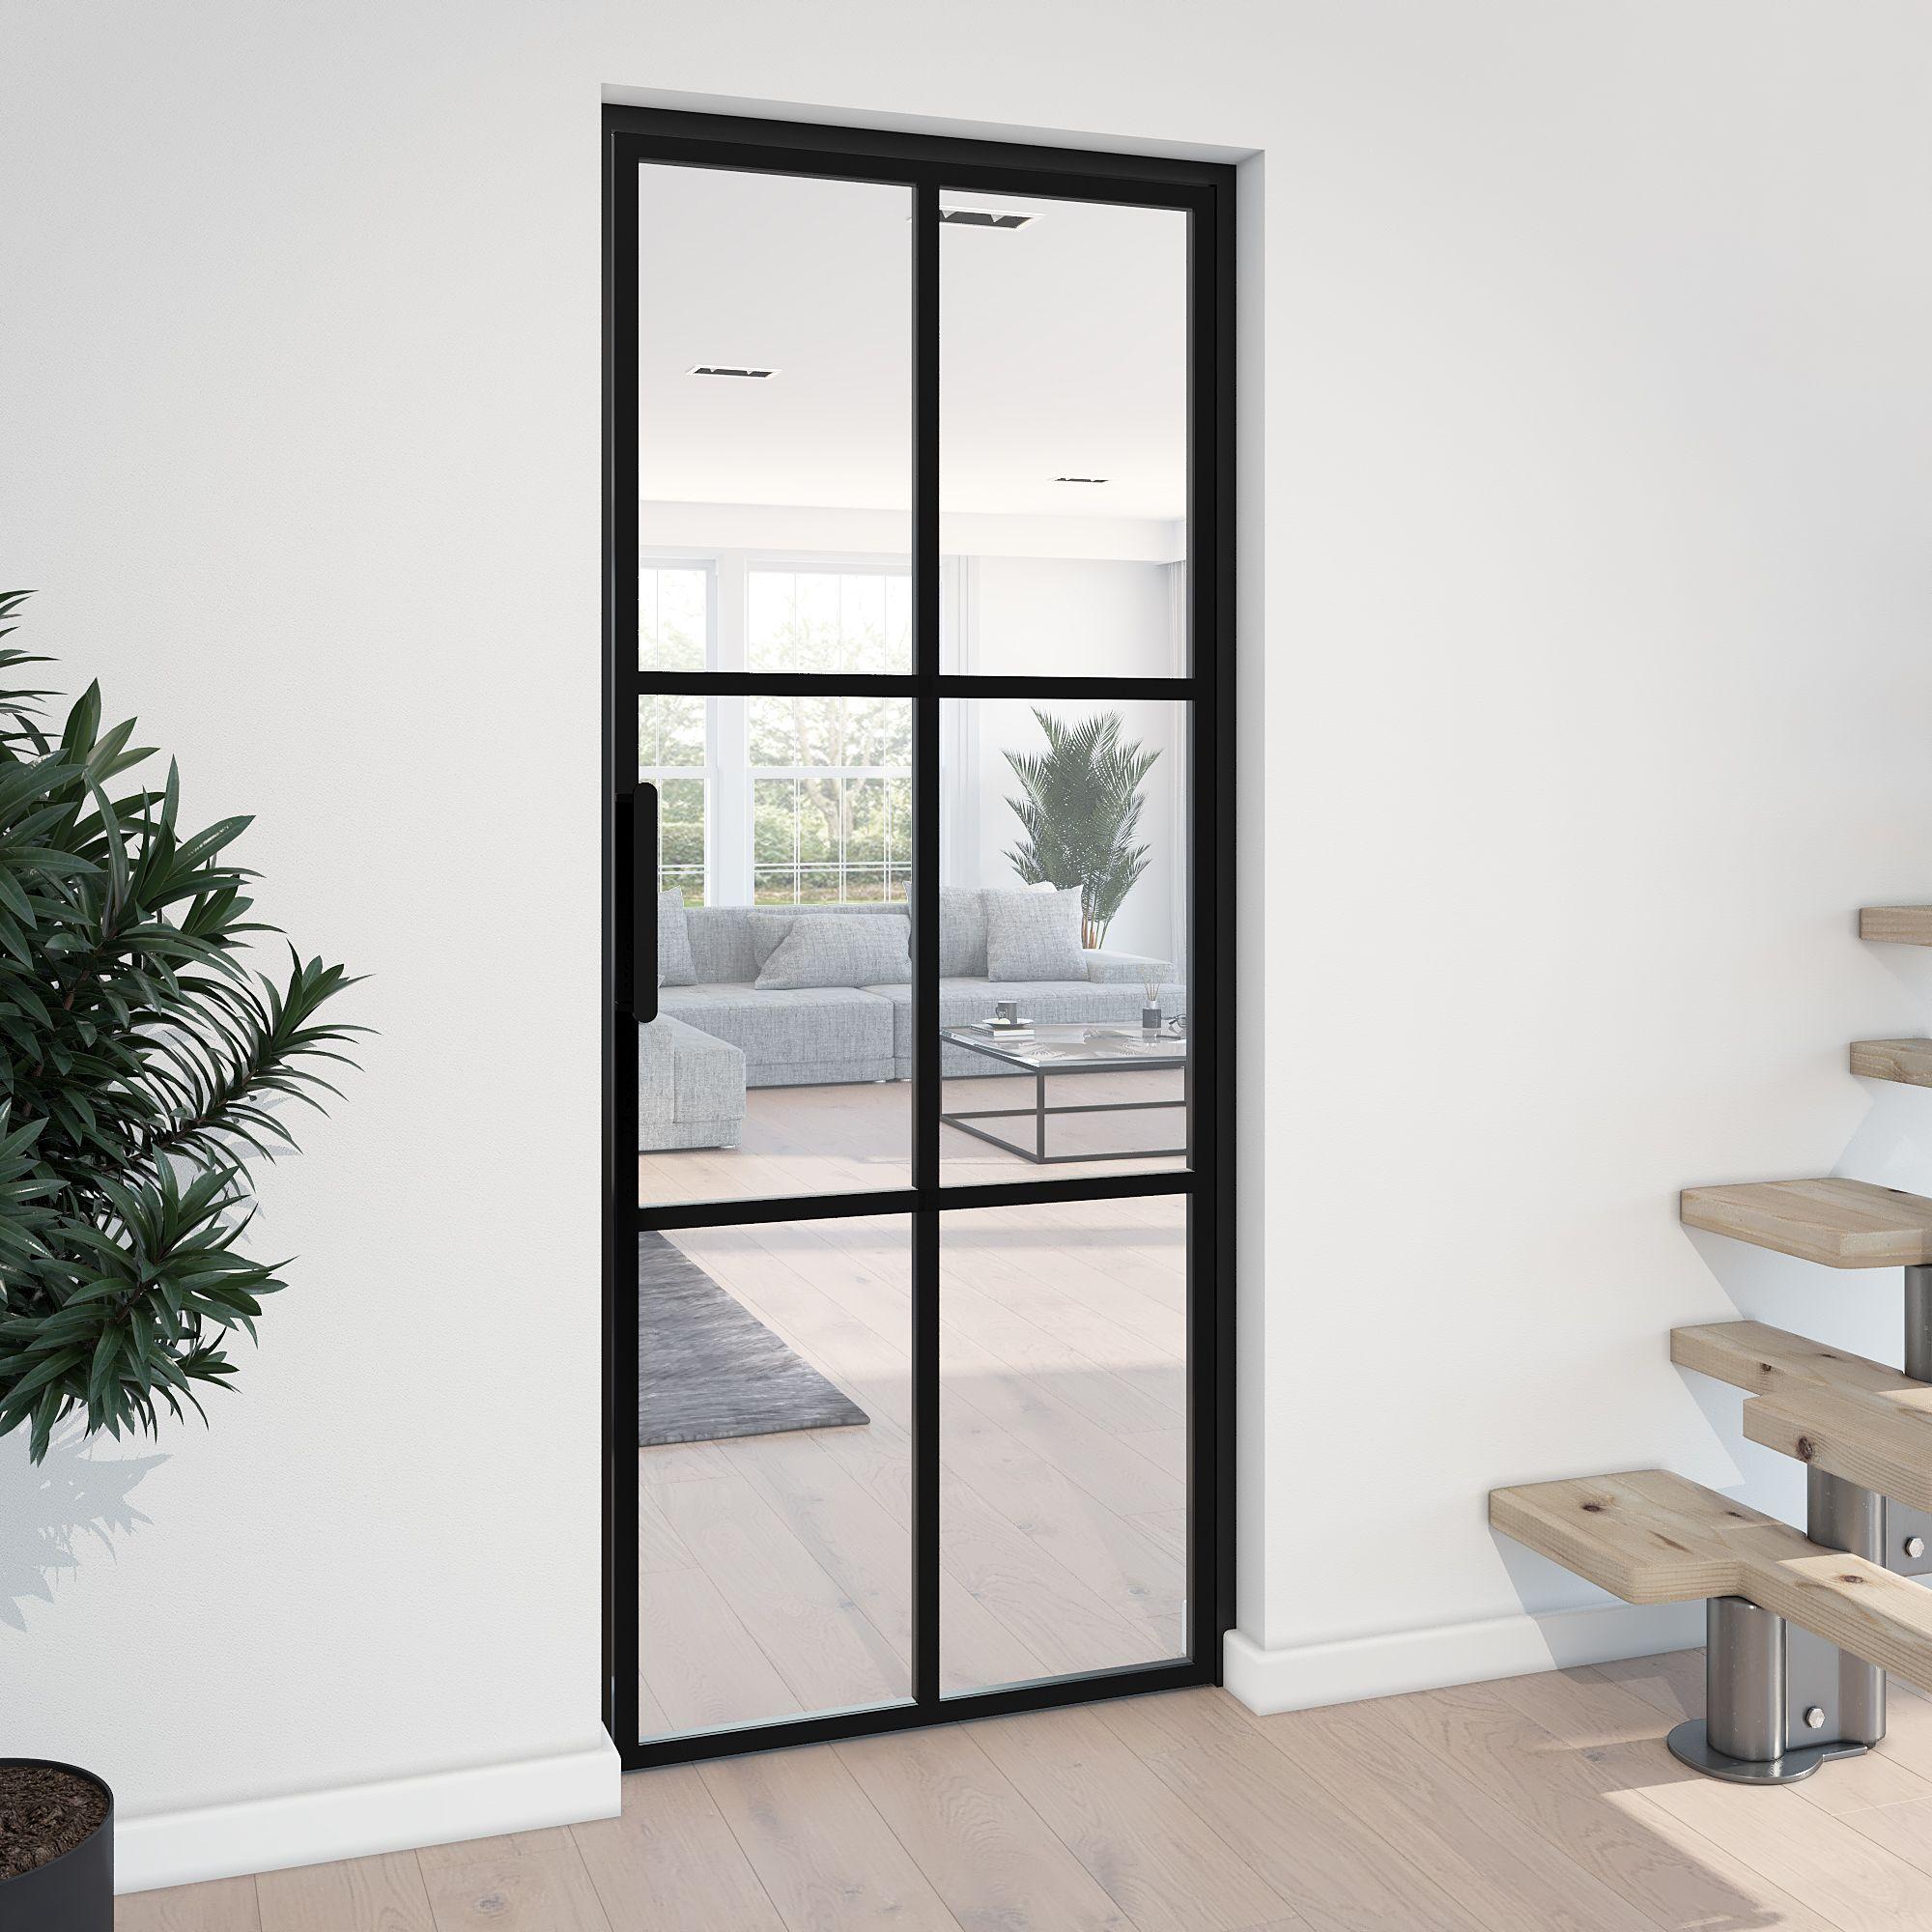 Loft doors – Icon Loft Lite Standard – model 4